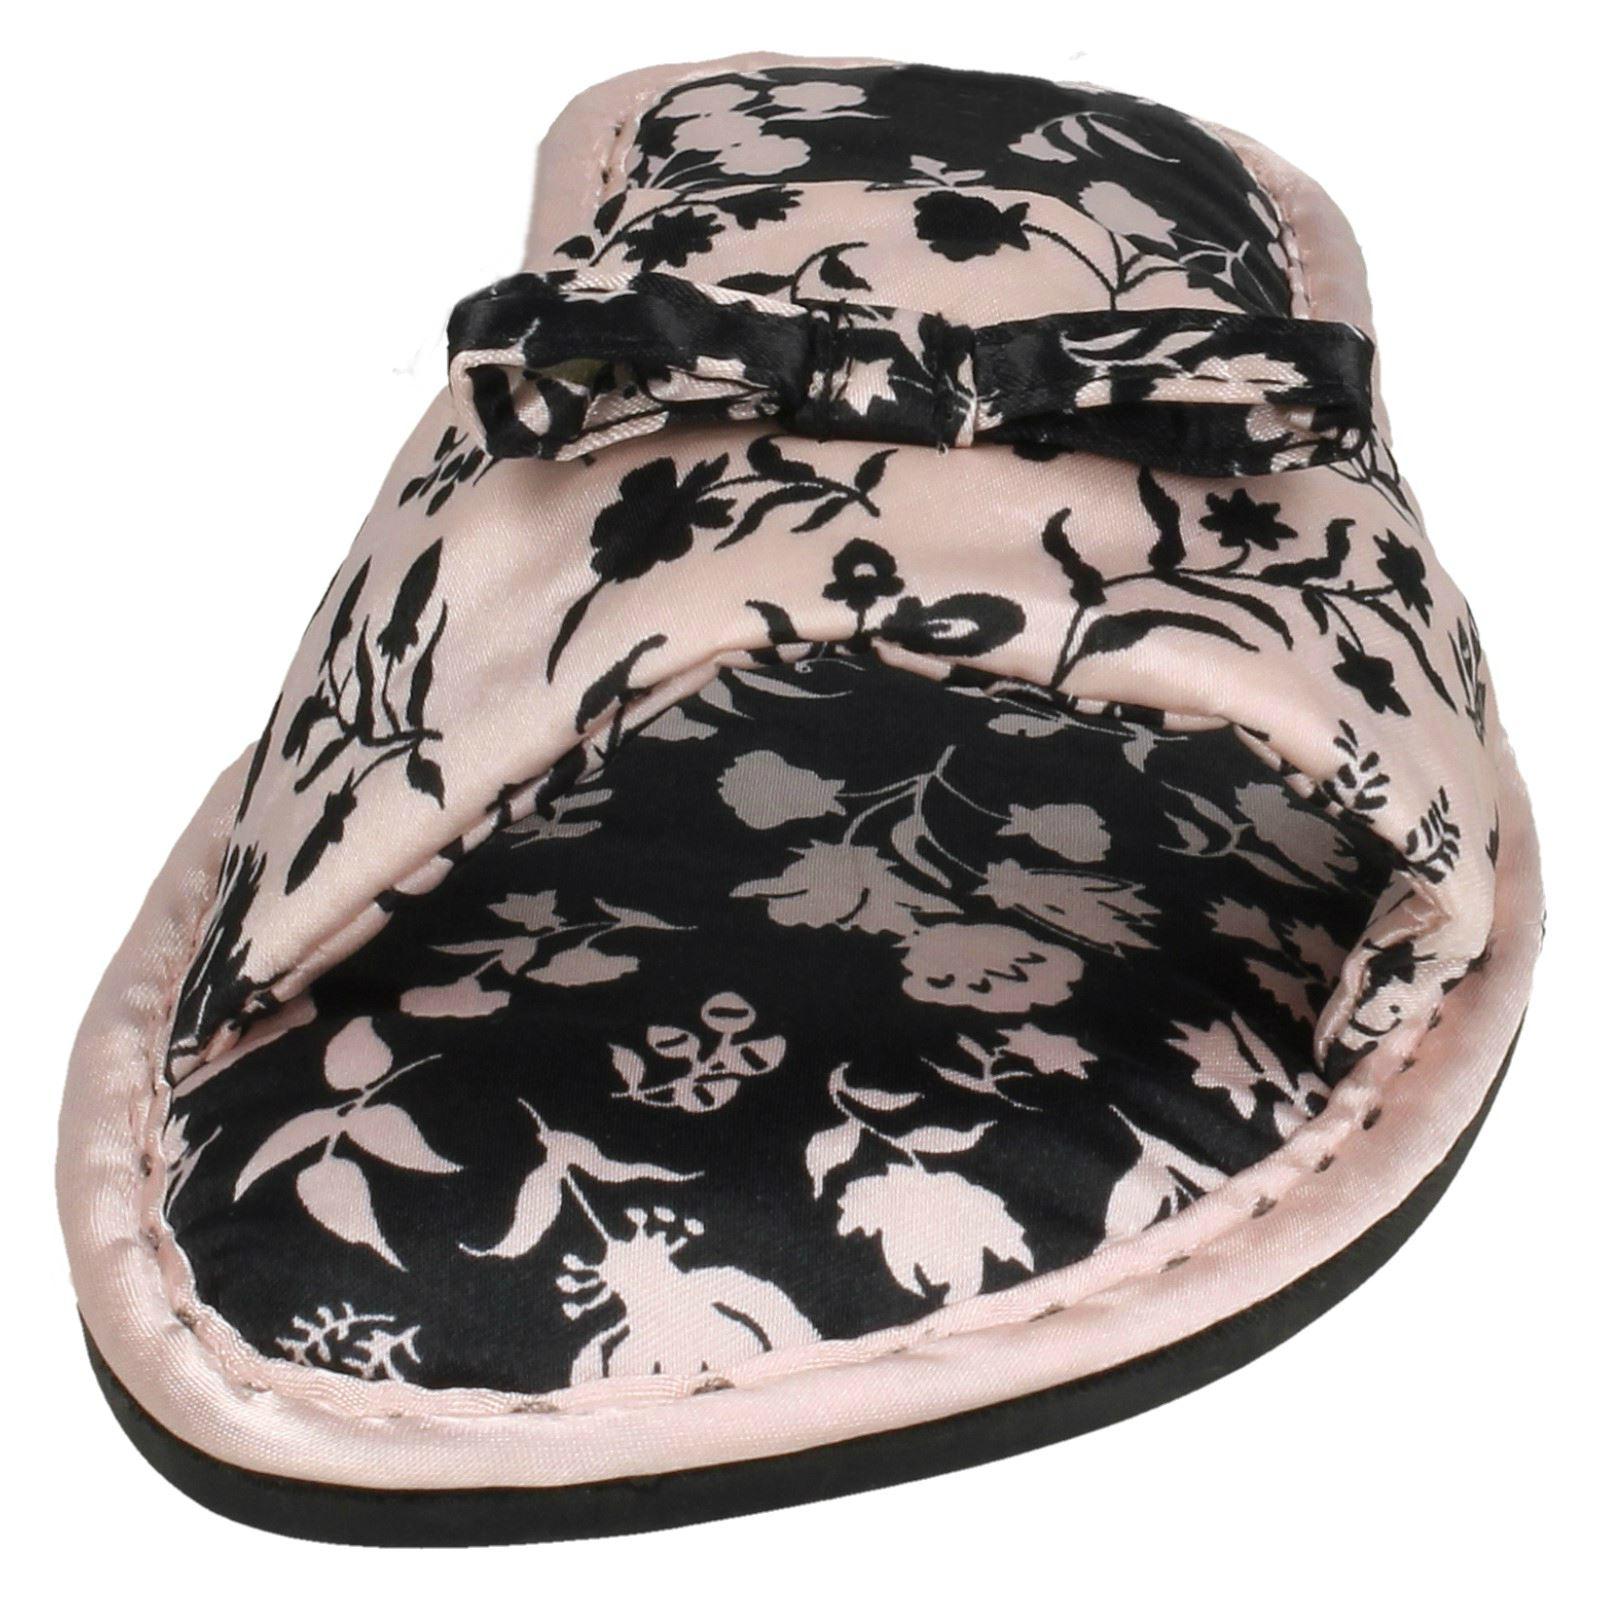 Femmes Spot on Imprimé Fleuri Satin Textile Slip On Mule Chaussons-X2101